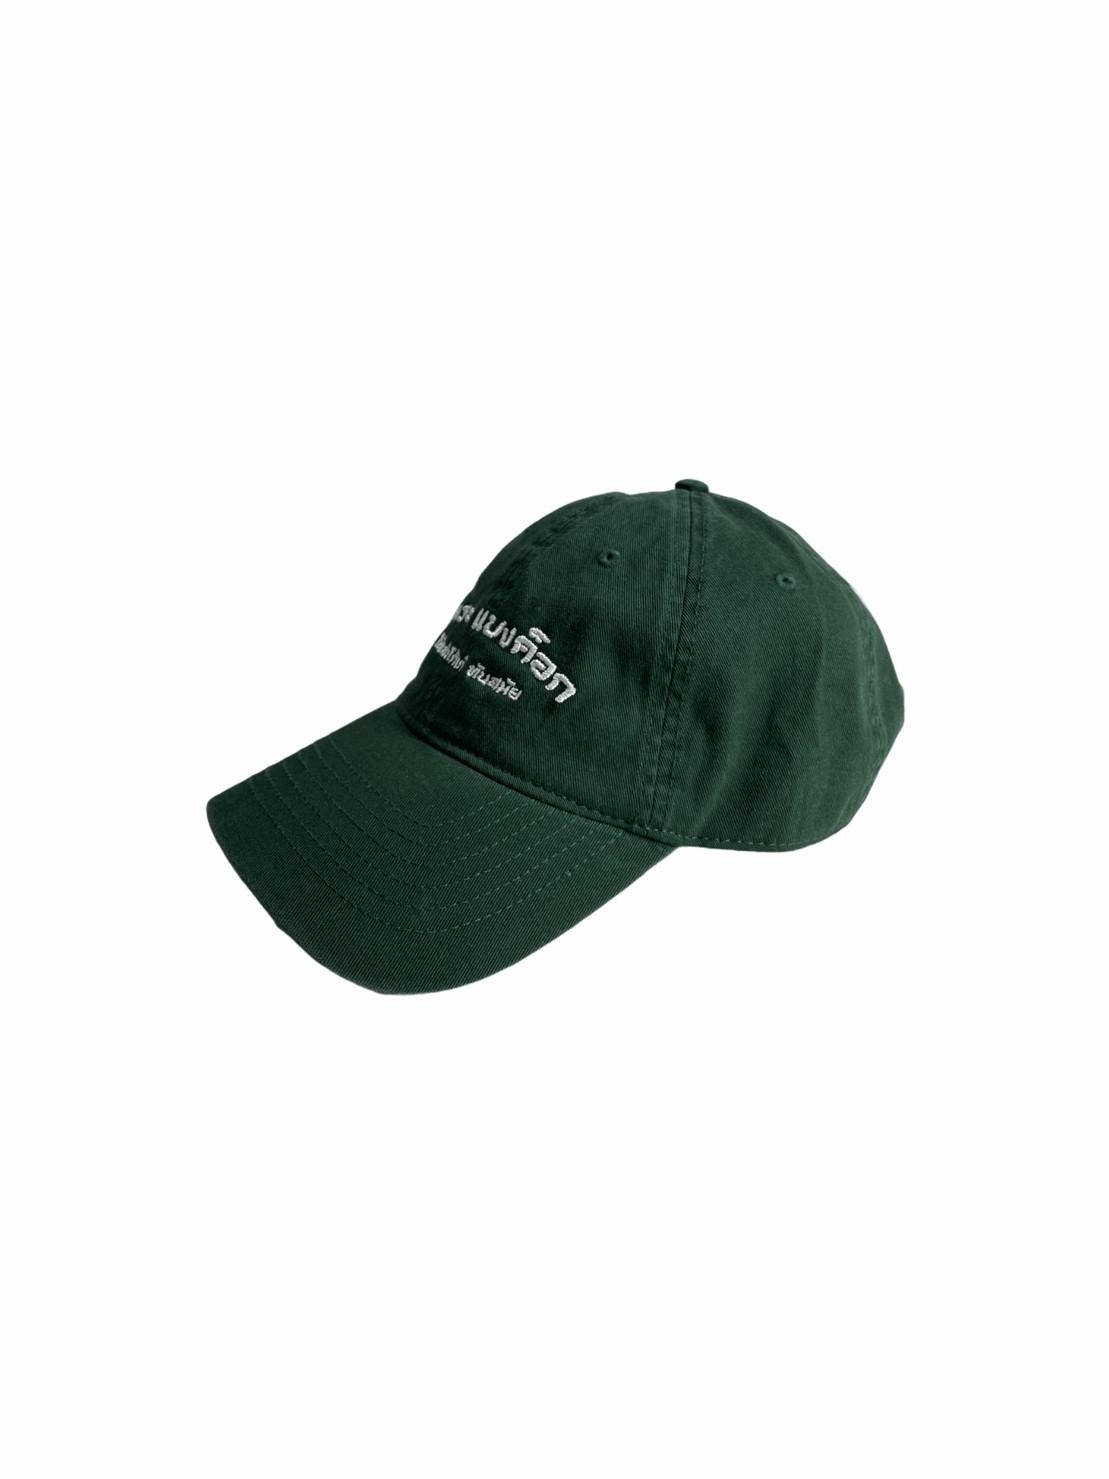 AKKARA Cap (Green)